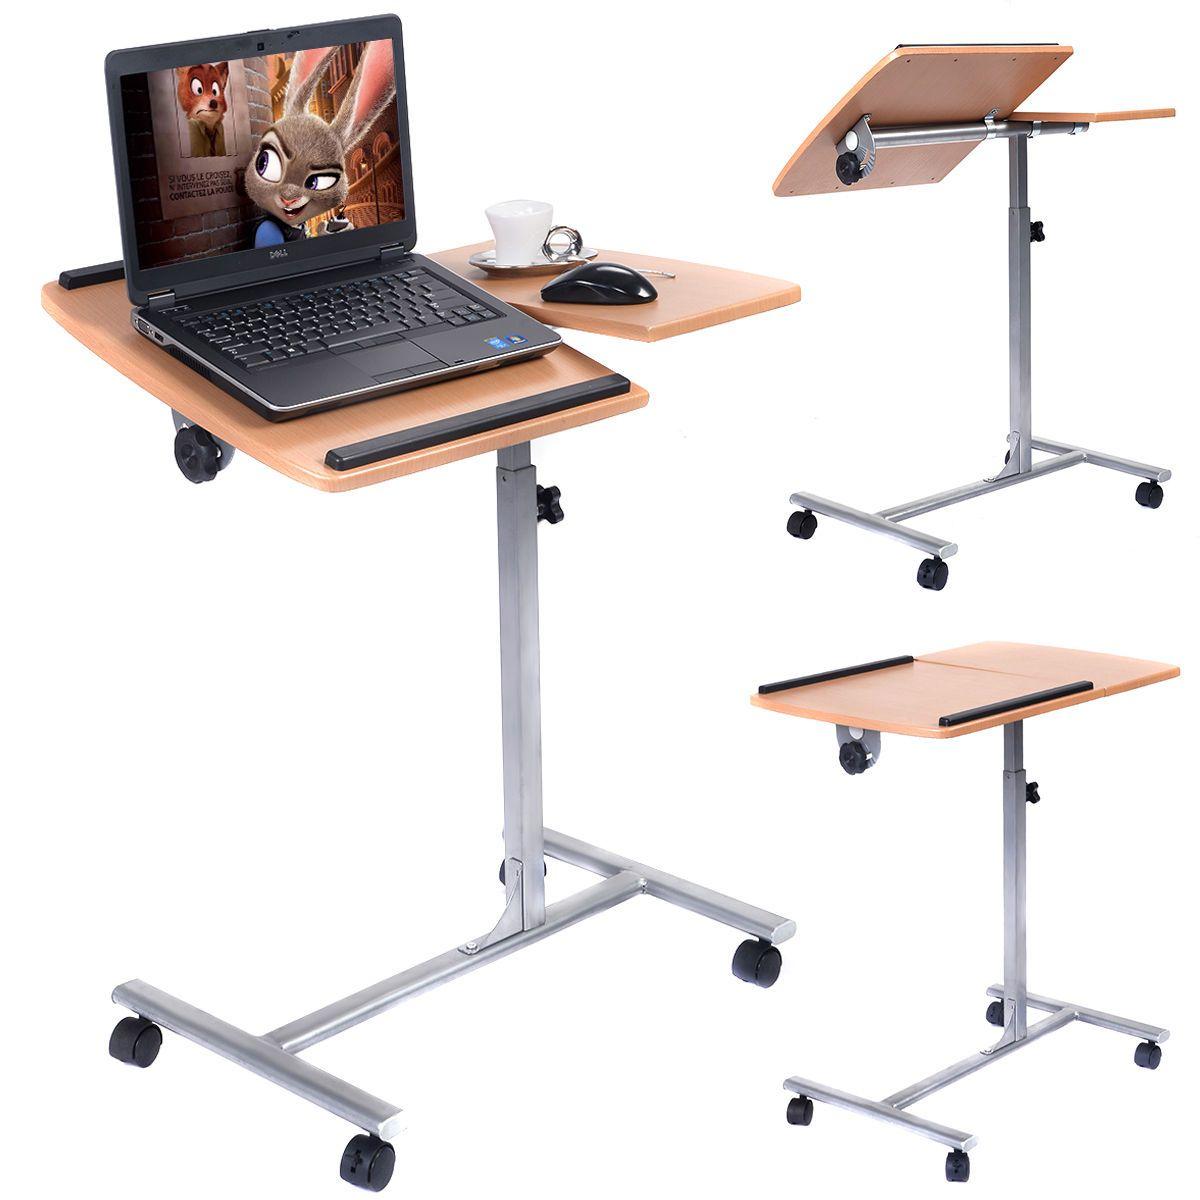 adjustable laptop notebook desk table stand holder swivel. Black Bedroom Furniture Sets. Home Design Ideas